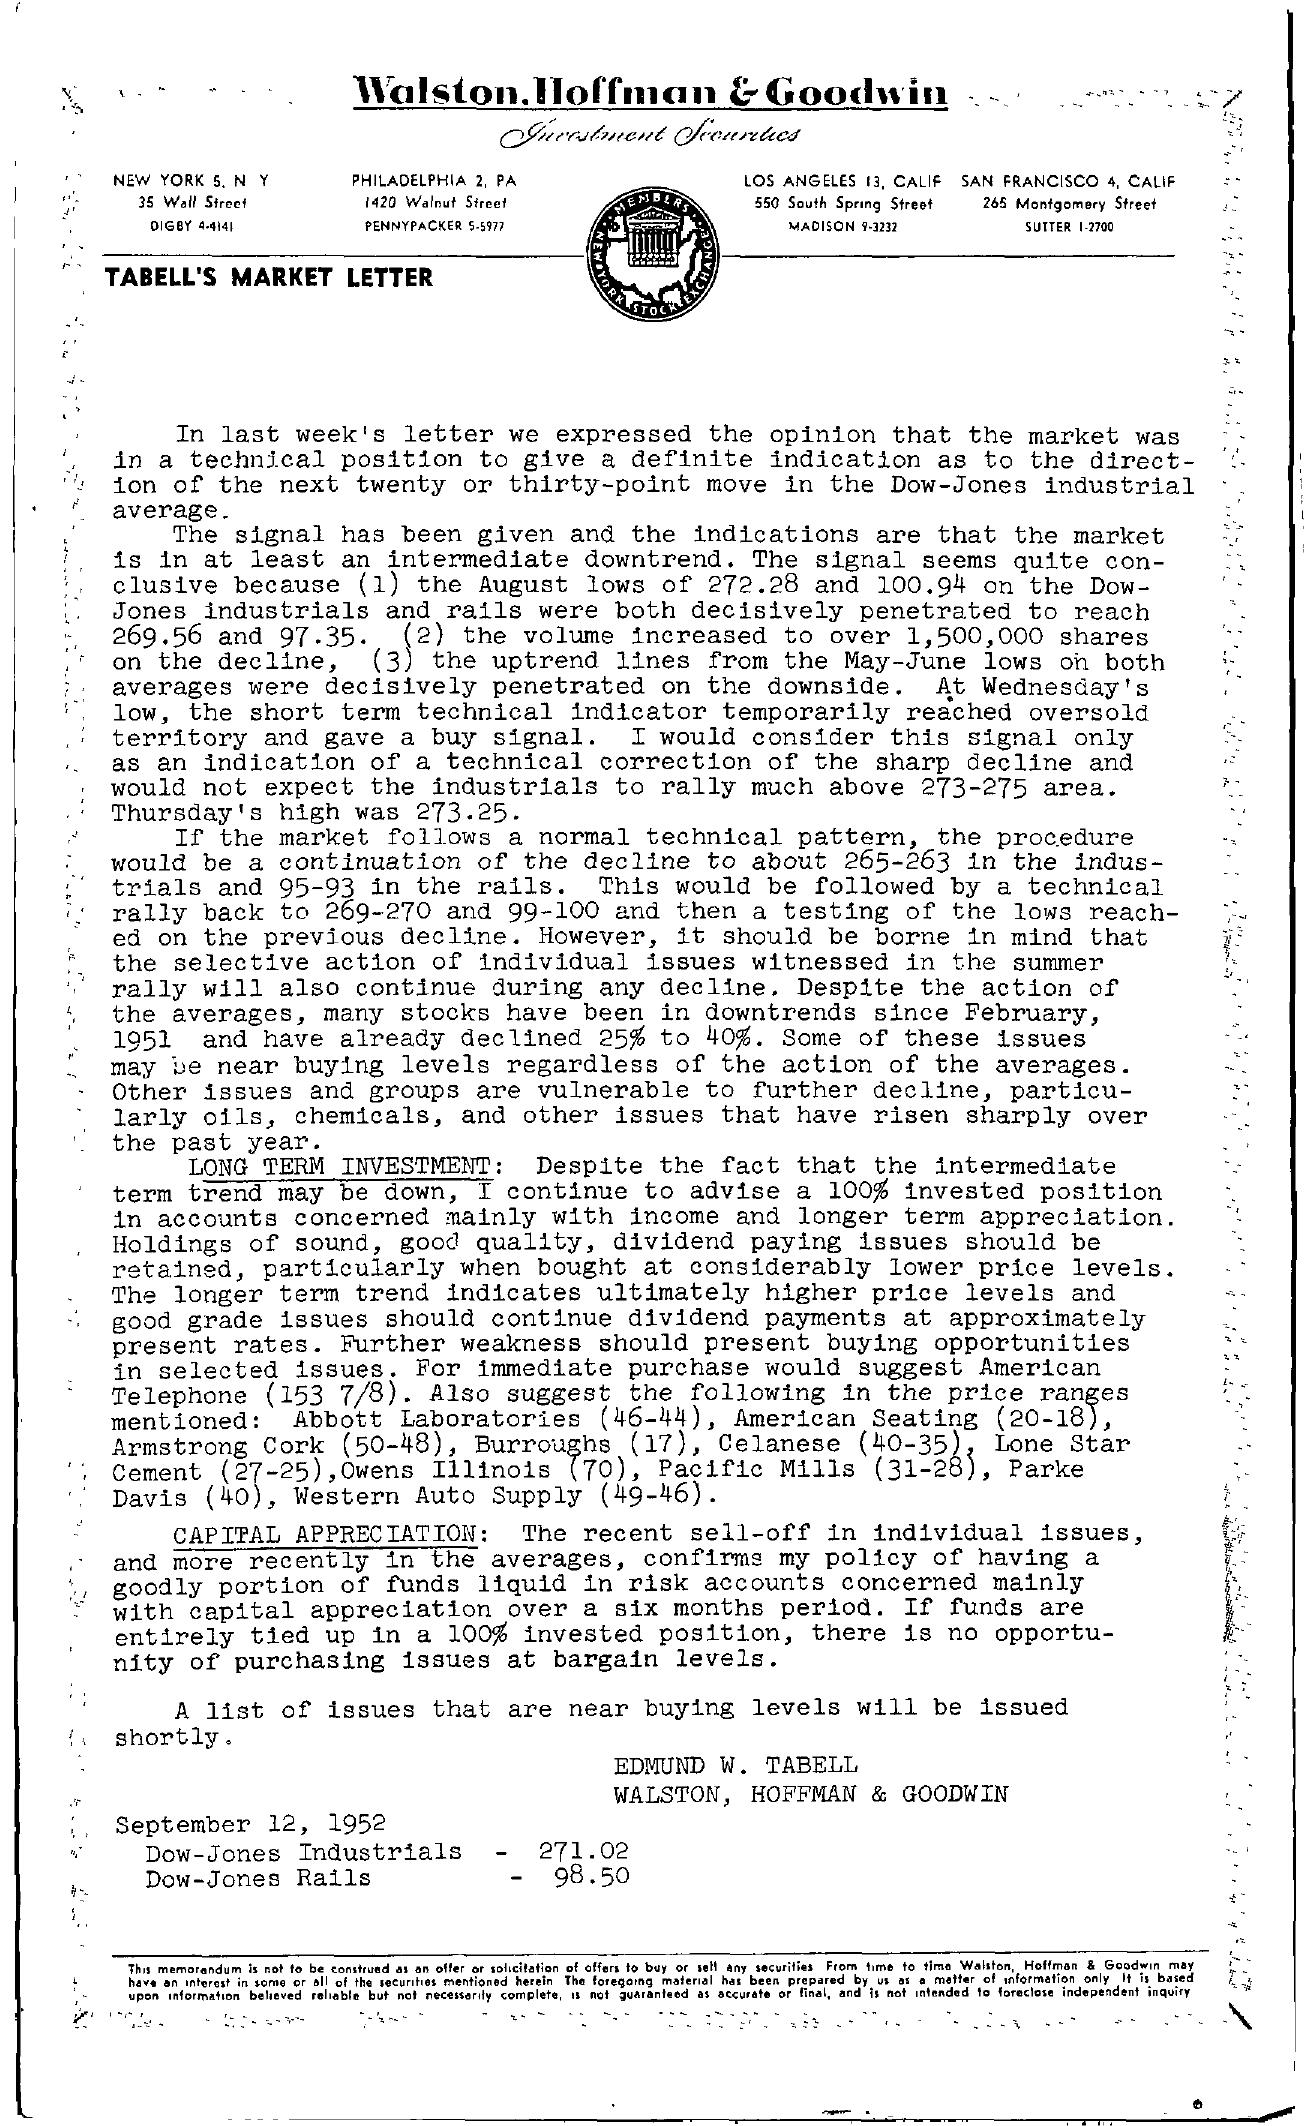 Tabell's Market Letter - September 12, 1952